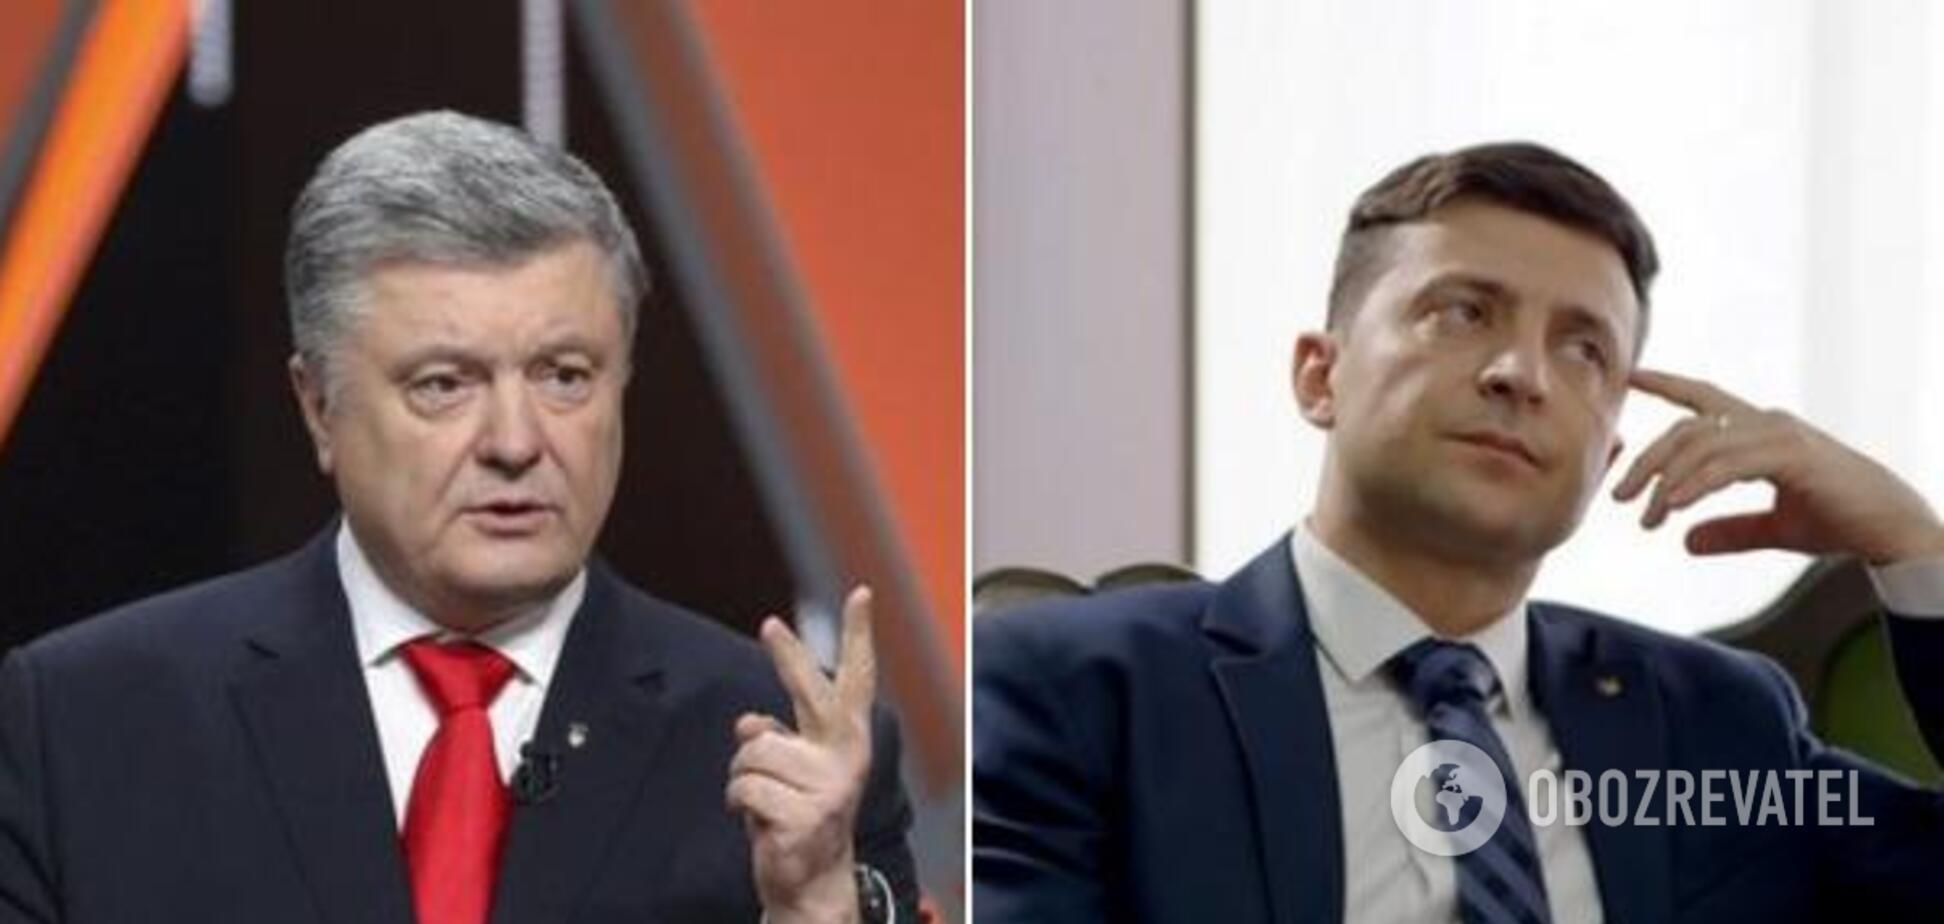 Петро Порошенко, Володимир Зеленський